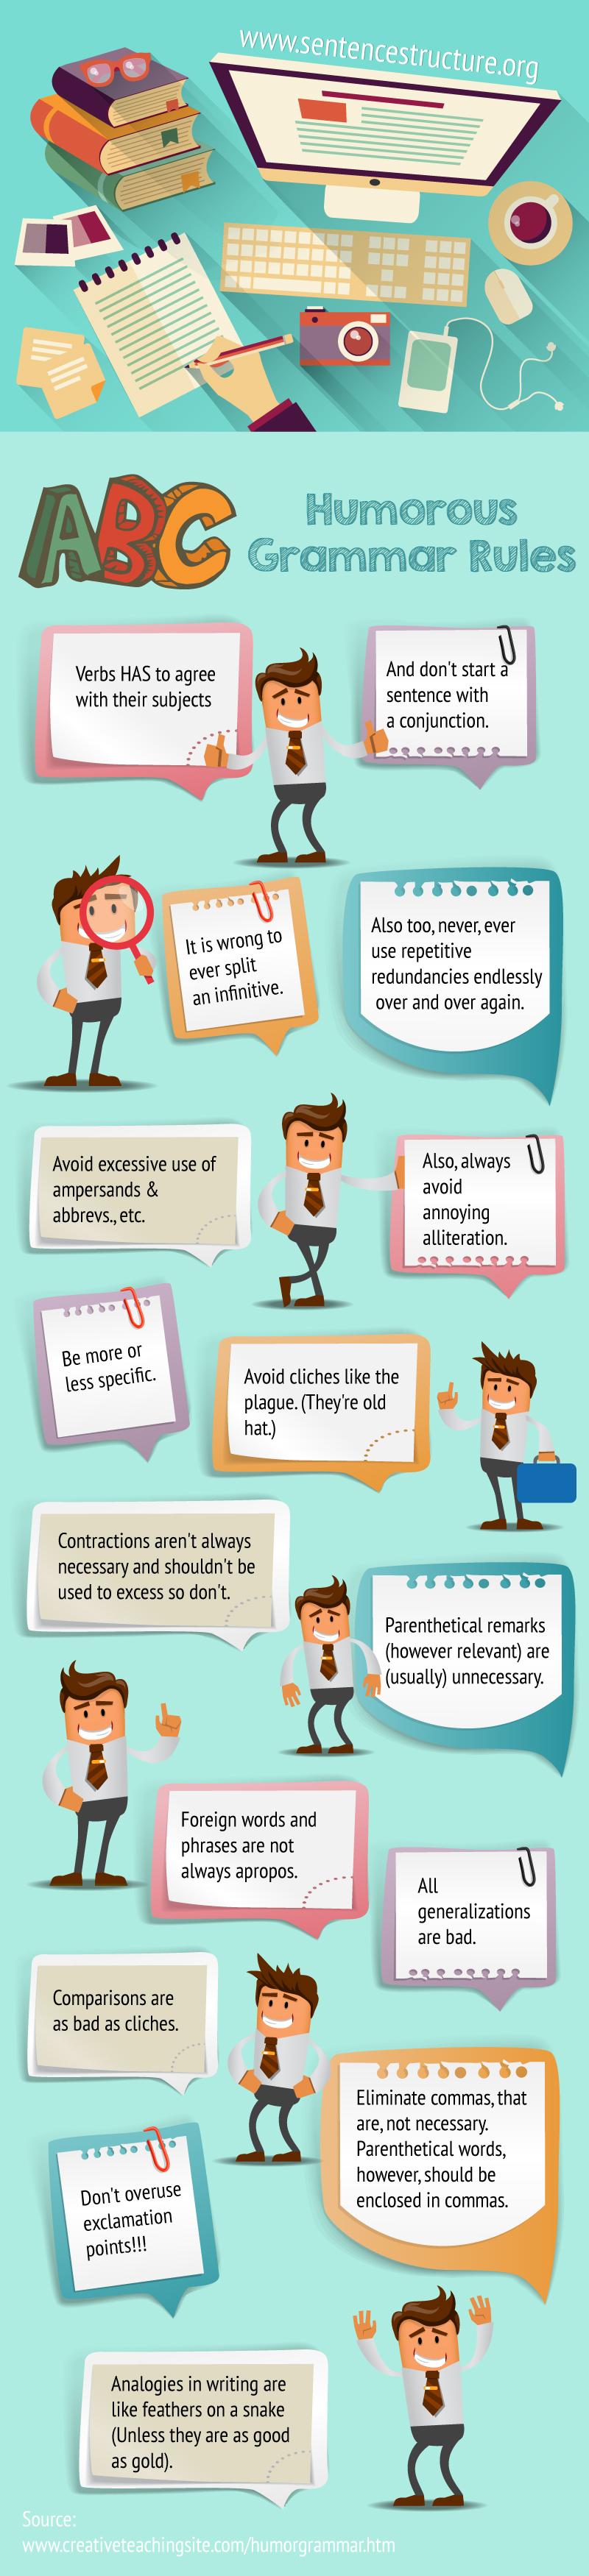 humorous grammar rules